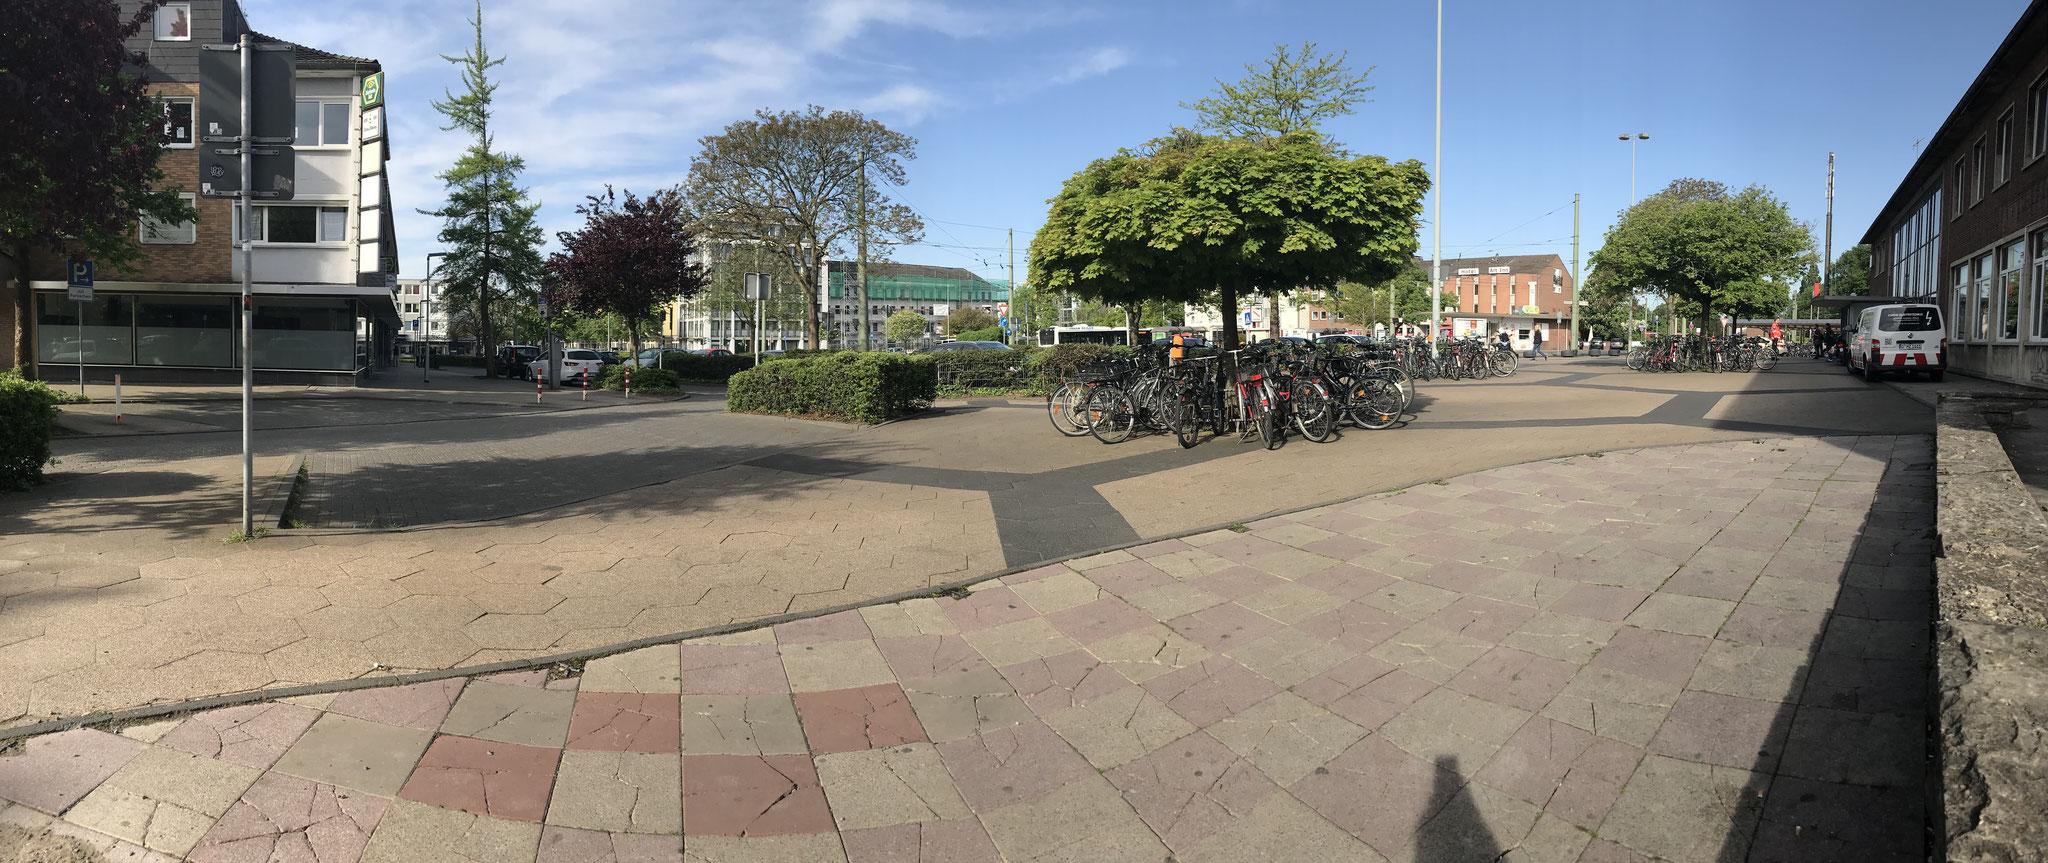 Blick auf den Vorplatz von der Bahnstraße aus.